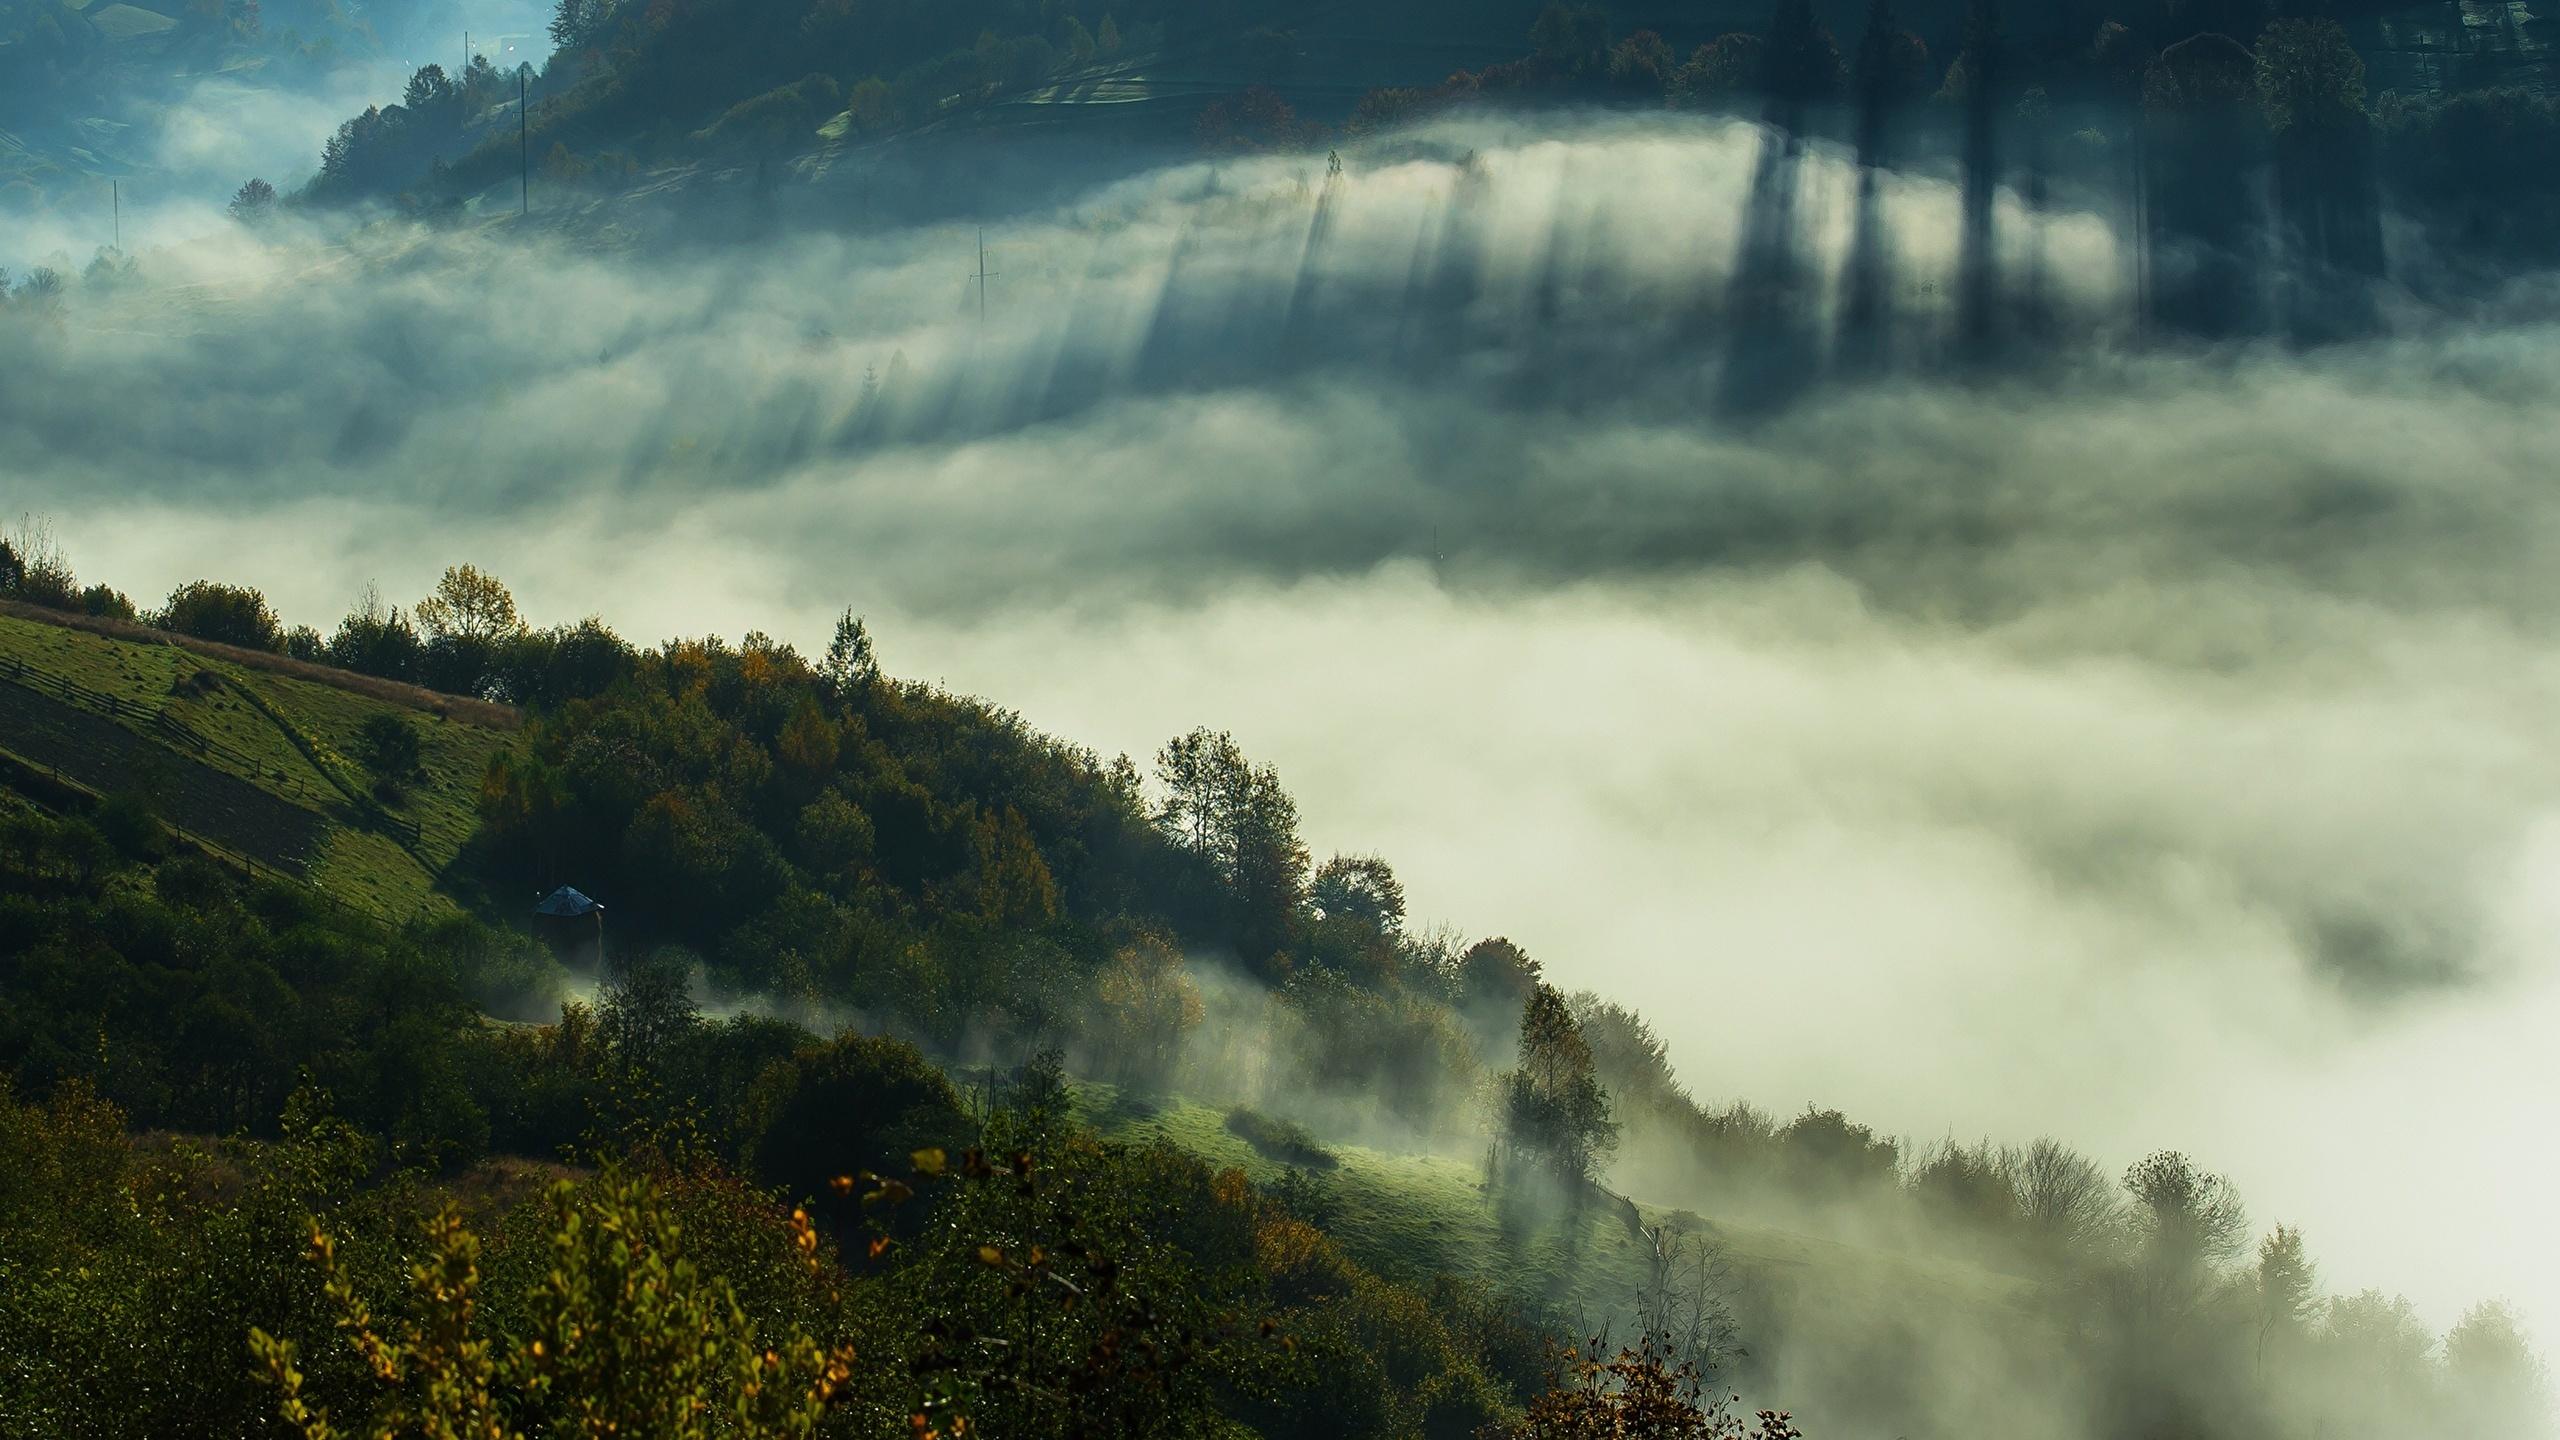 украина, закарпатская область, туман